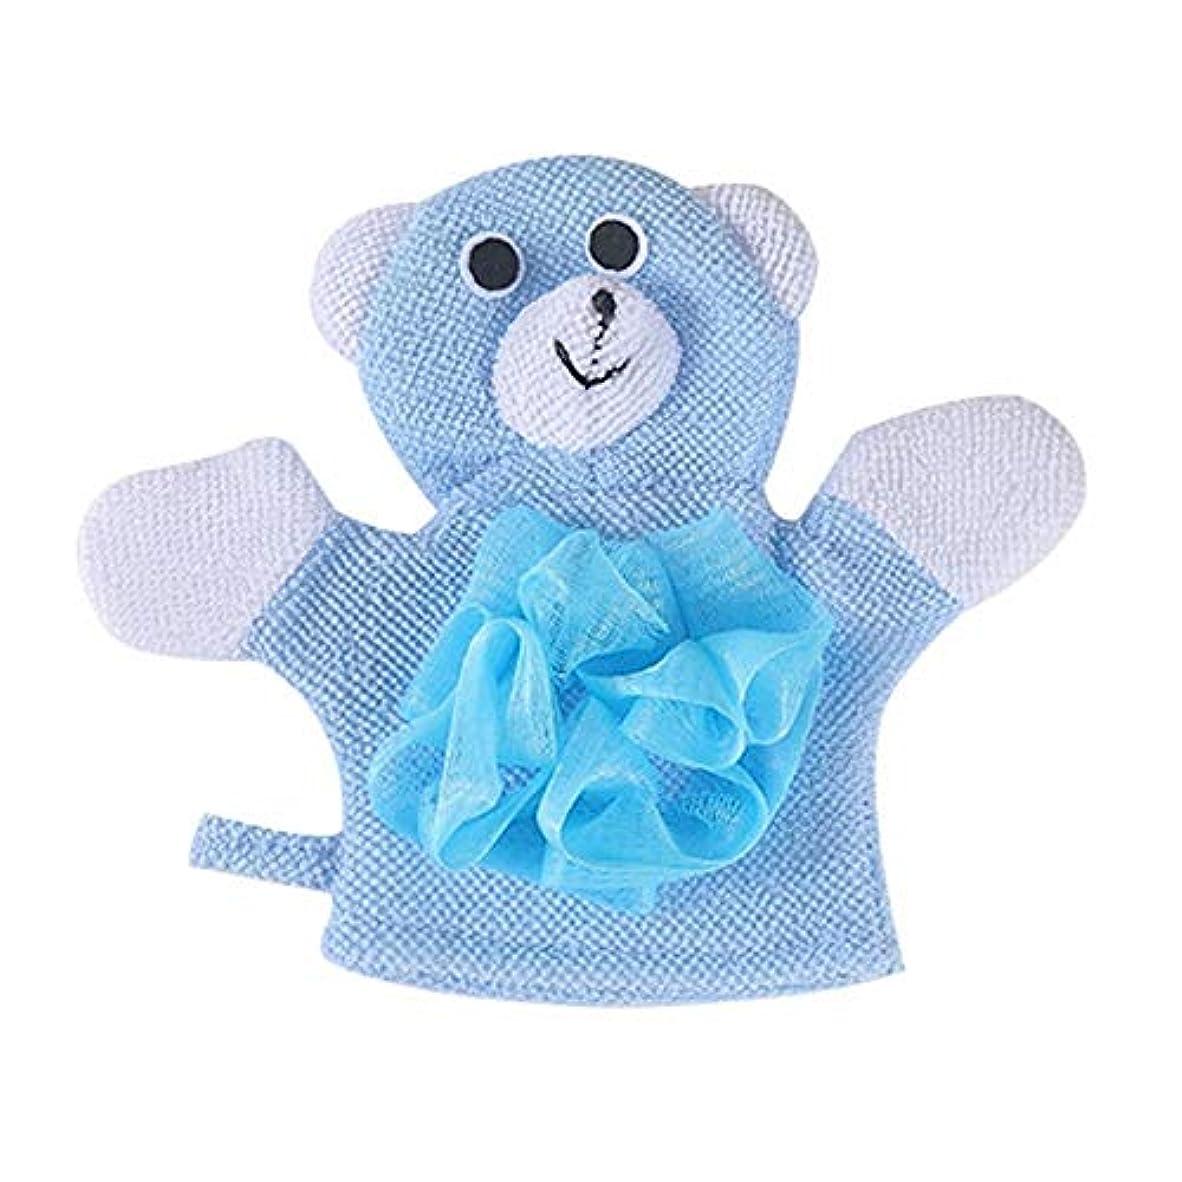 資産管理顎BTXXYJP お風呂用手袋 あかすり シャワー手袋 ボディブラシ やわらか バス用品 ボディタオル 角質除去 (Color : Blue)